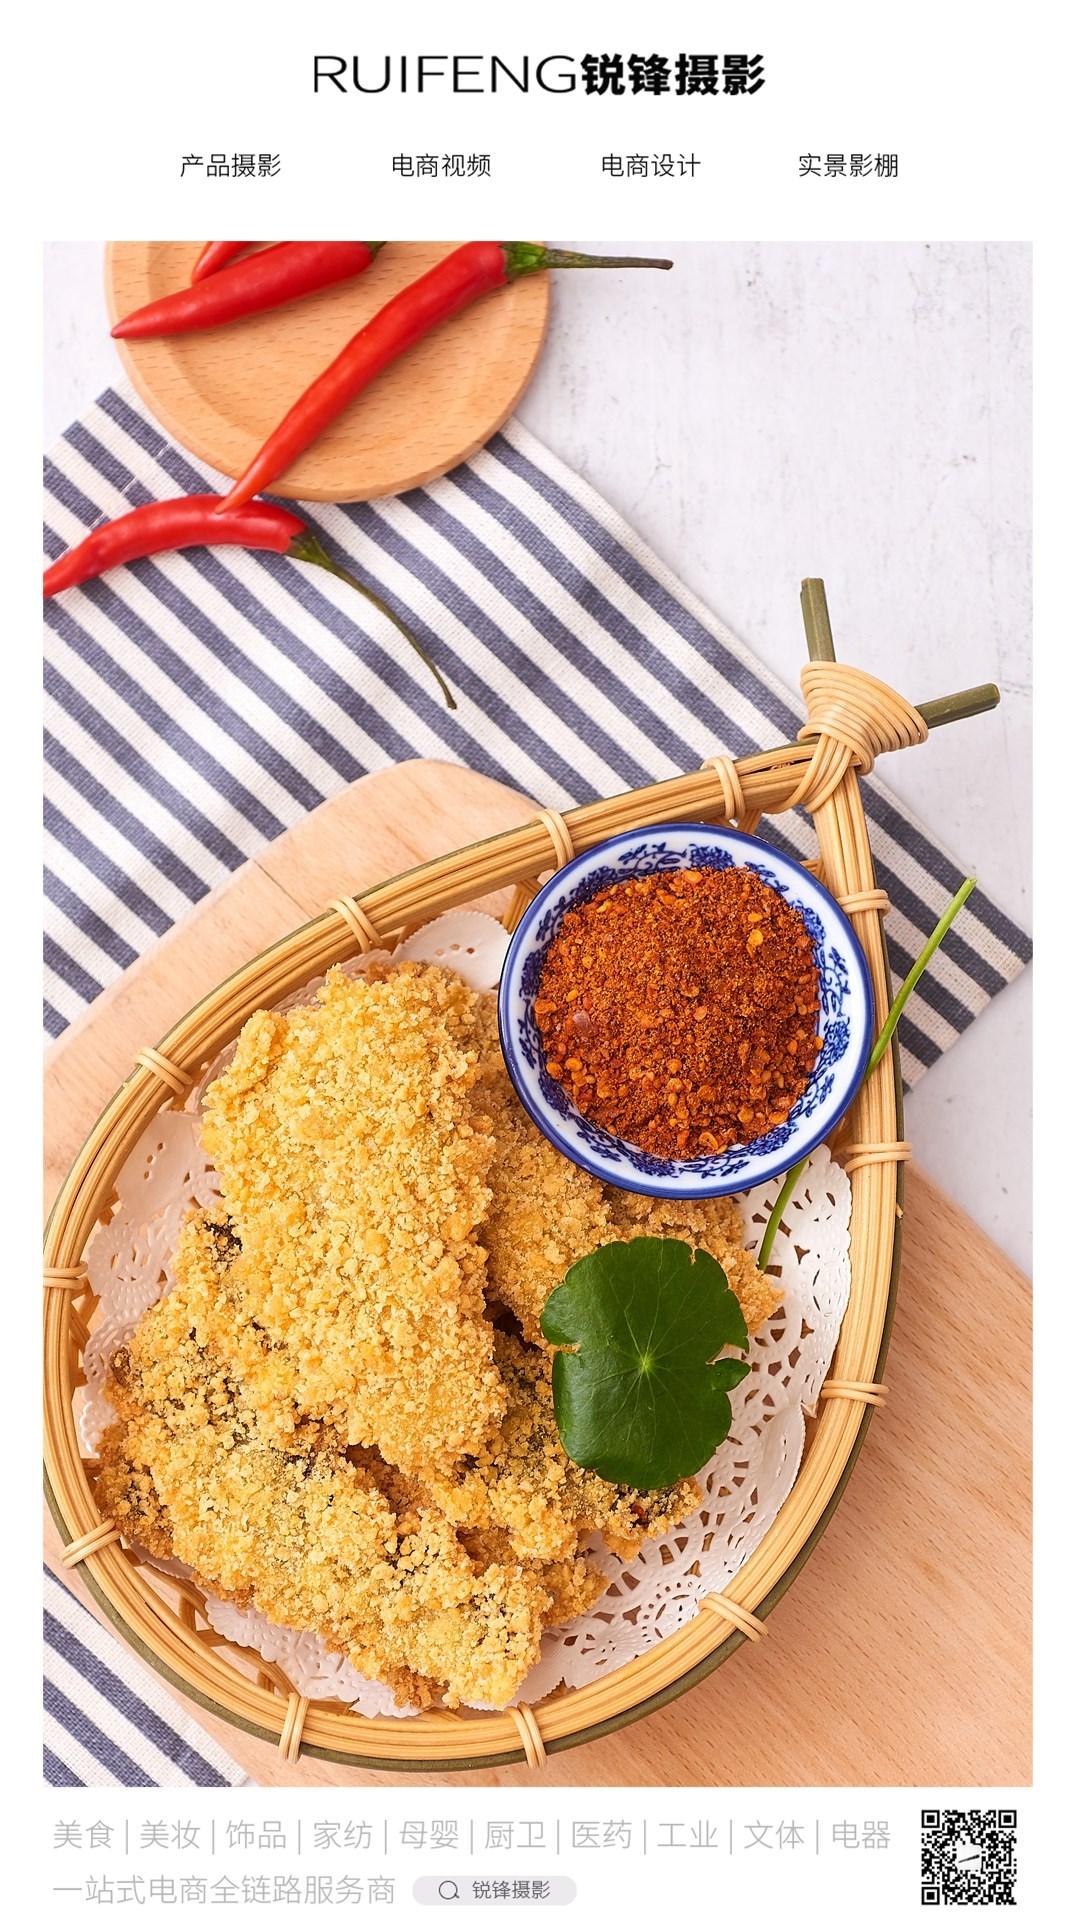 武汉美食拍摄拍照|菜谱菜品摄影|广告产品静物拍摄|锐锋摄影